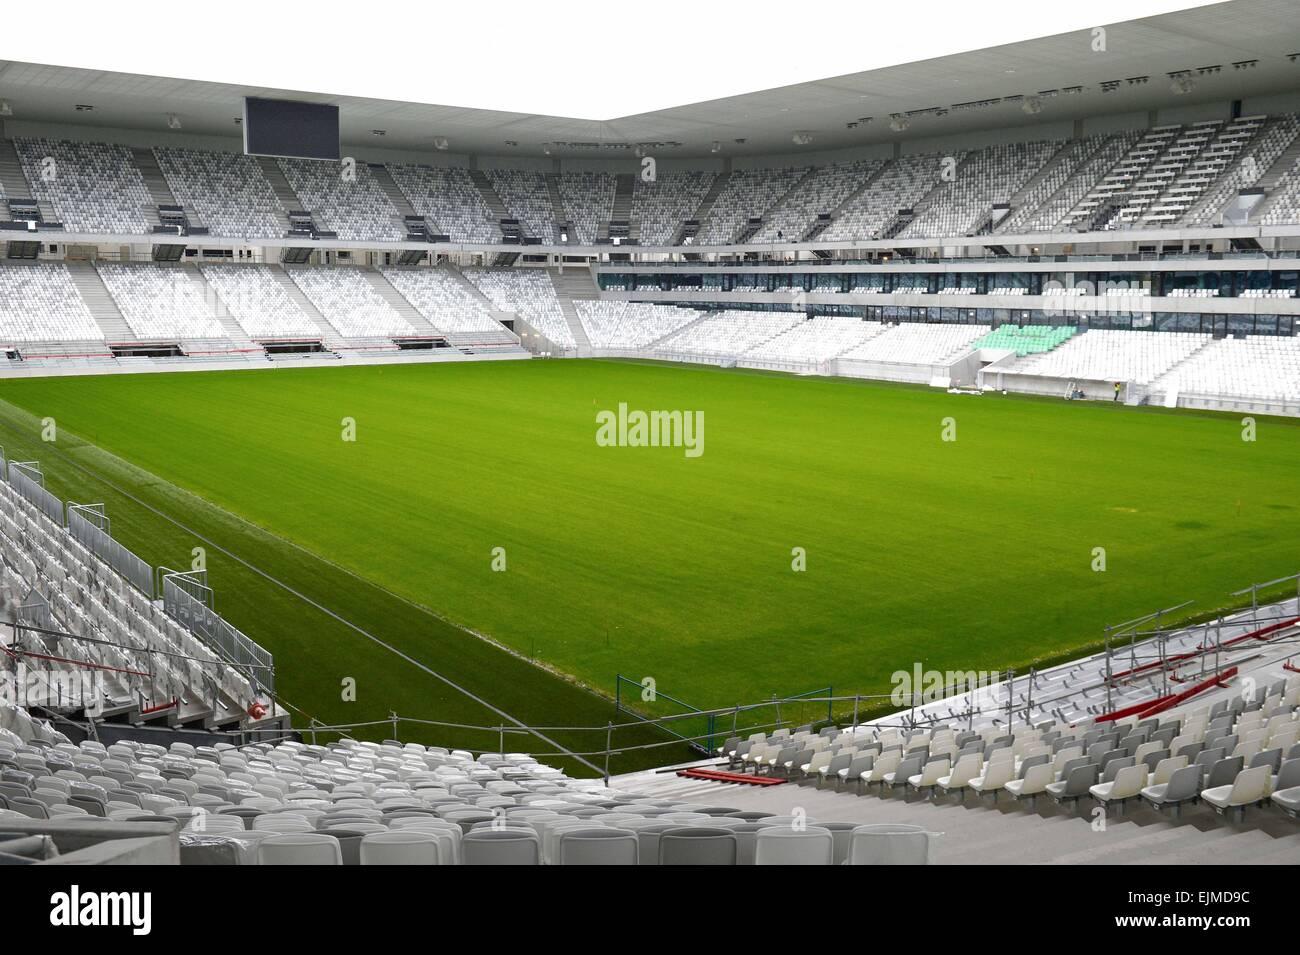 Vue Interieur Nouveau Stade de Bordeaux - 23.03.2015 - Visite du Stade de Bordeaux-. Foto: Caroline Blumberg / Icon Stockbild